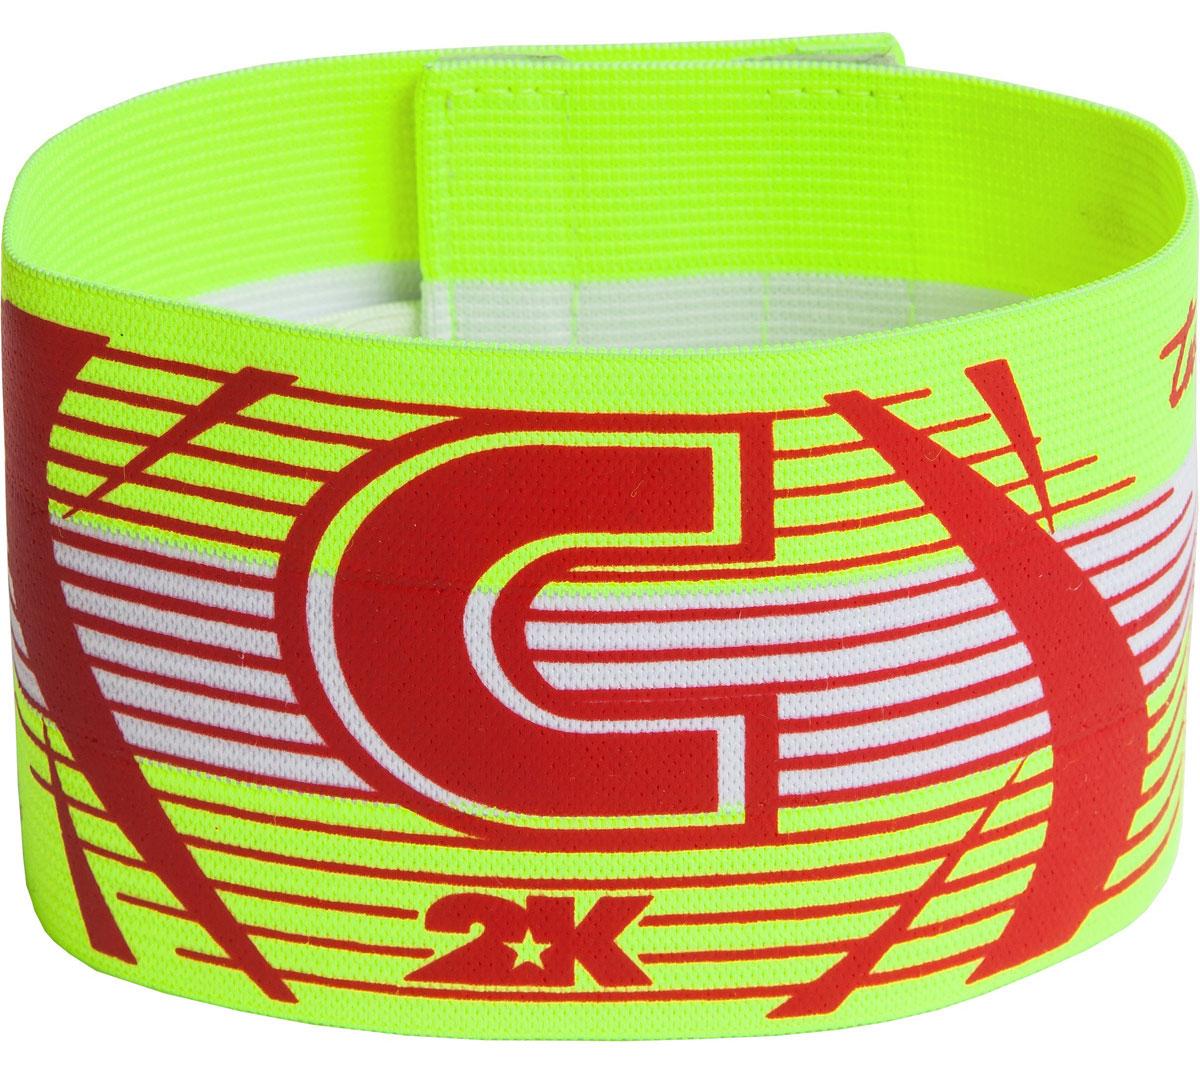 Повязка капитанская 2K Sport Captain, цвет: светло-зеленый, красный. 126317126317Капитанская повязка на руку. Материал: 100% полиэстер